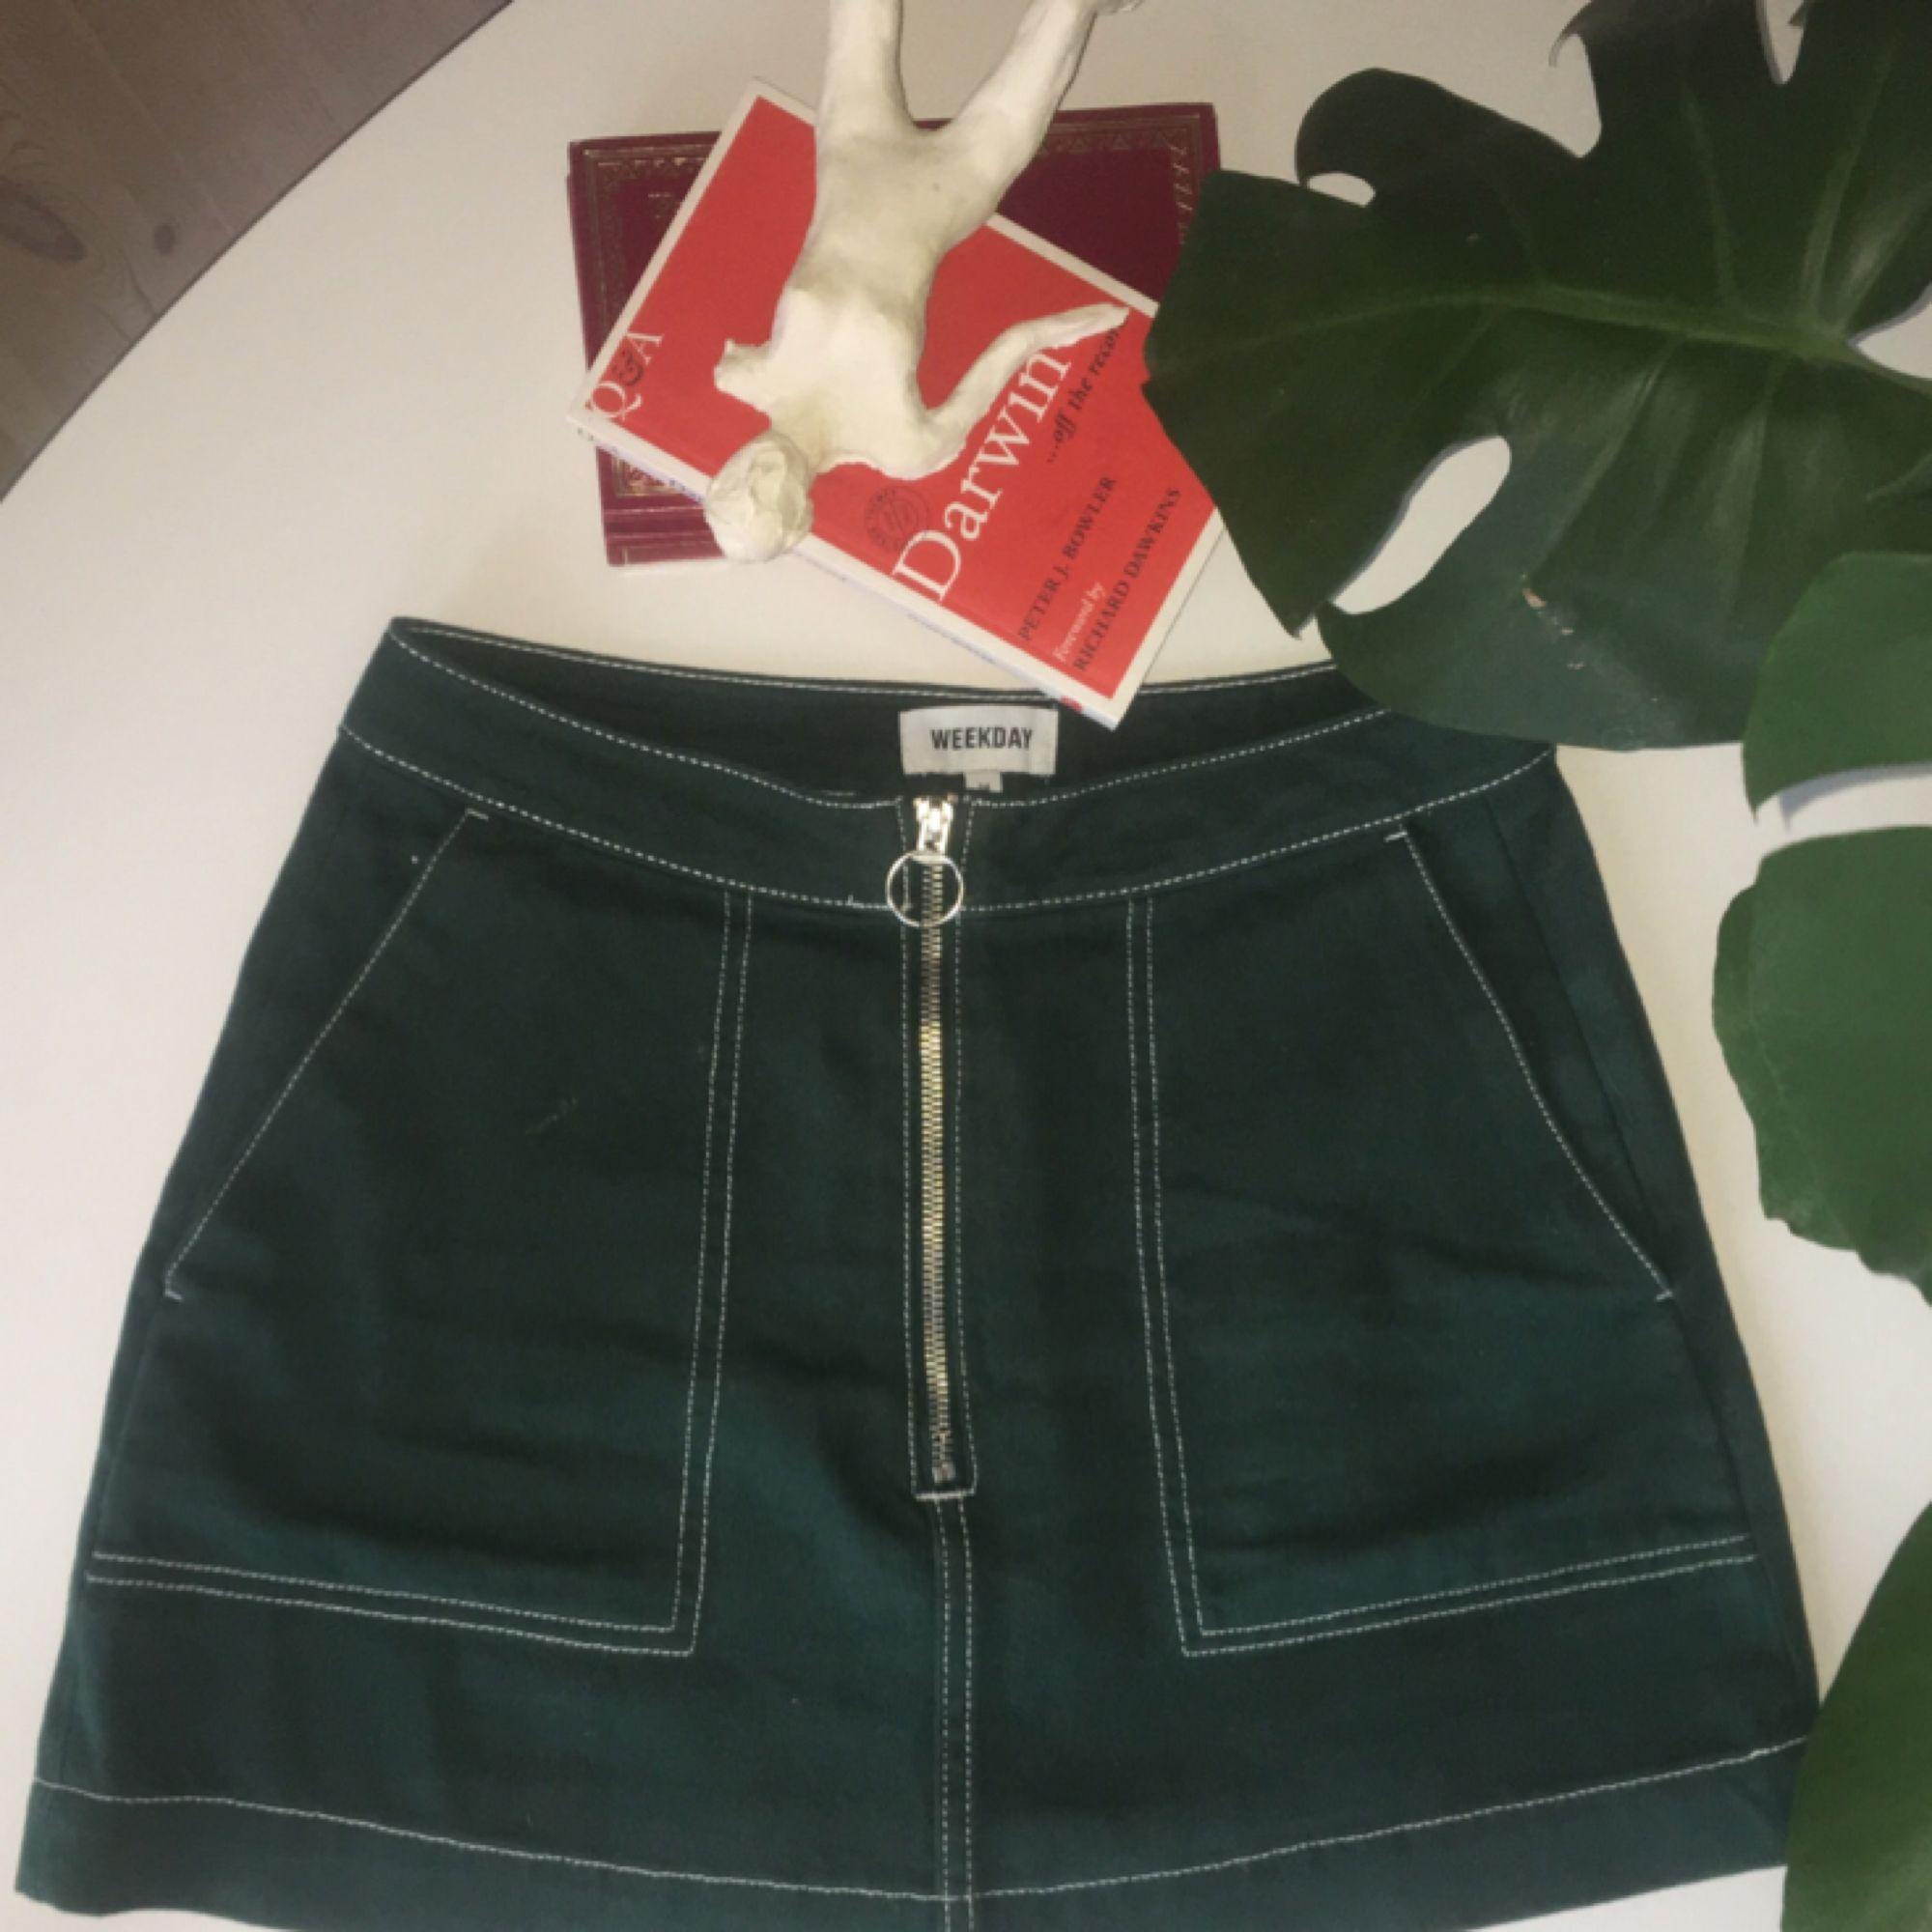 superduperhärlig mörkgrön kjol från weekday jag nu tyvärr måste göra mig av med pga har blivit för liten :-(( sitter dock hur snyggt som helst på en med storlek xs! har endast använt 2 gånger så fint skick:-)   (frakt tillkommer!!). Kjolar.